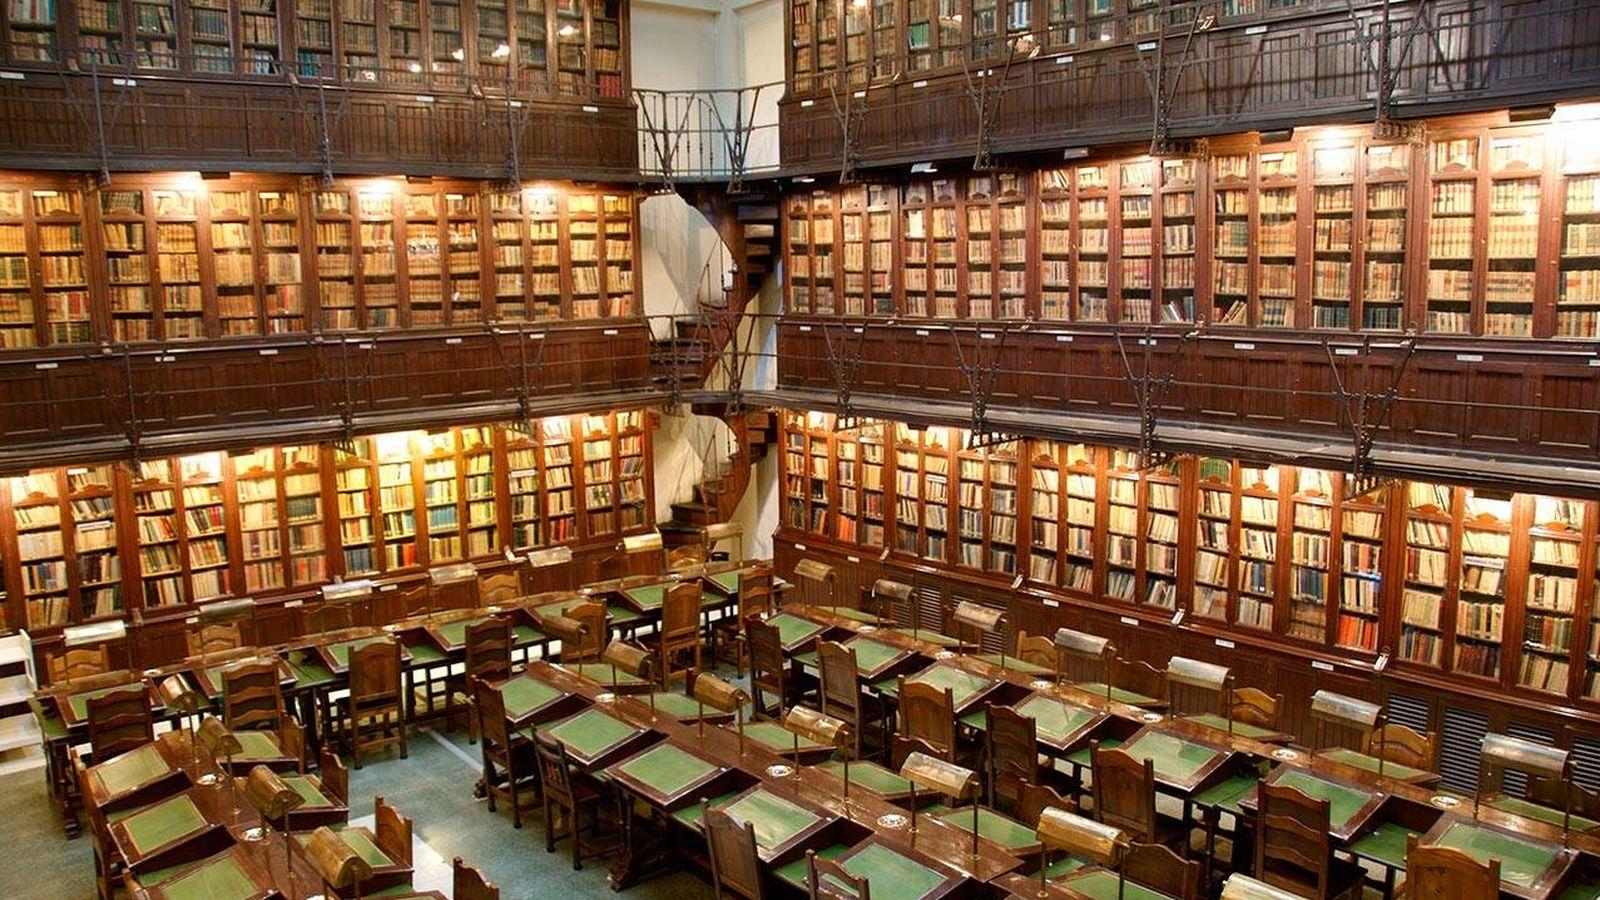 Foto: La biblioteca privada más importante de España. Fuente: Ateneo de Madrid